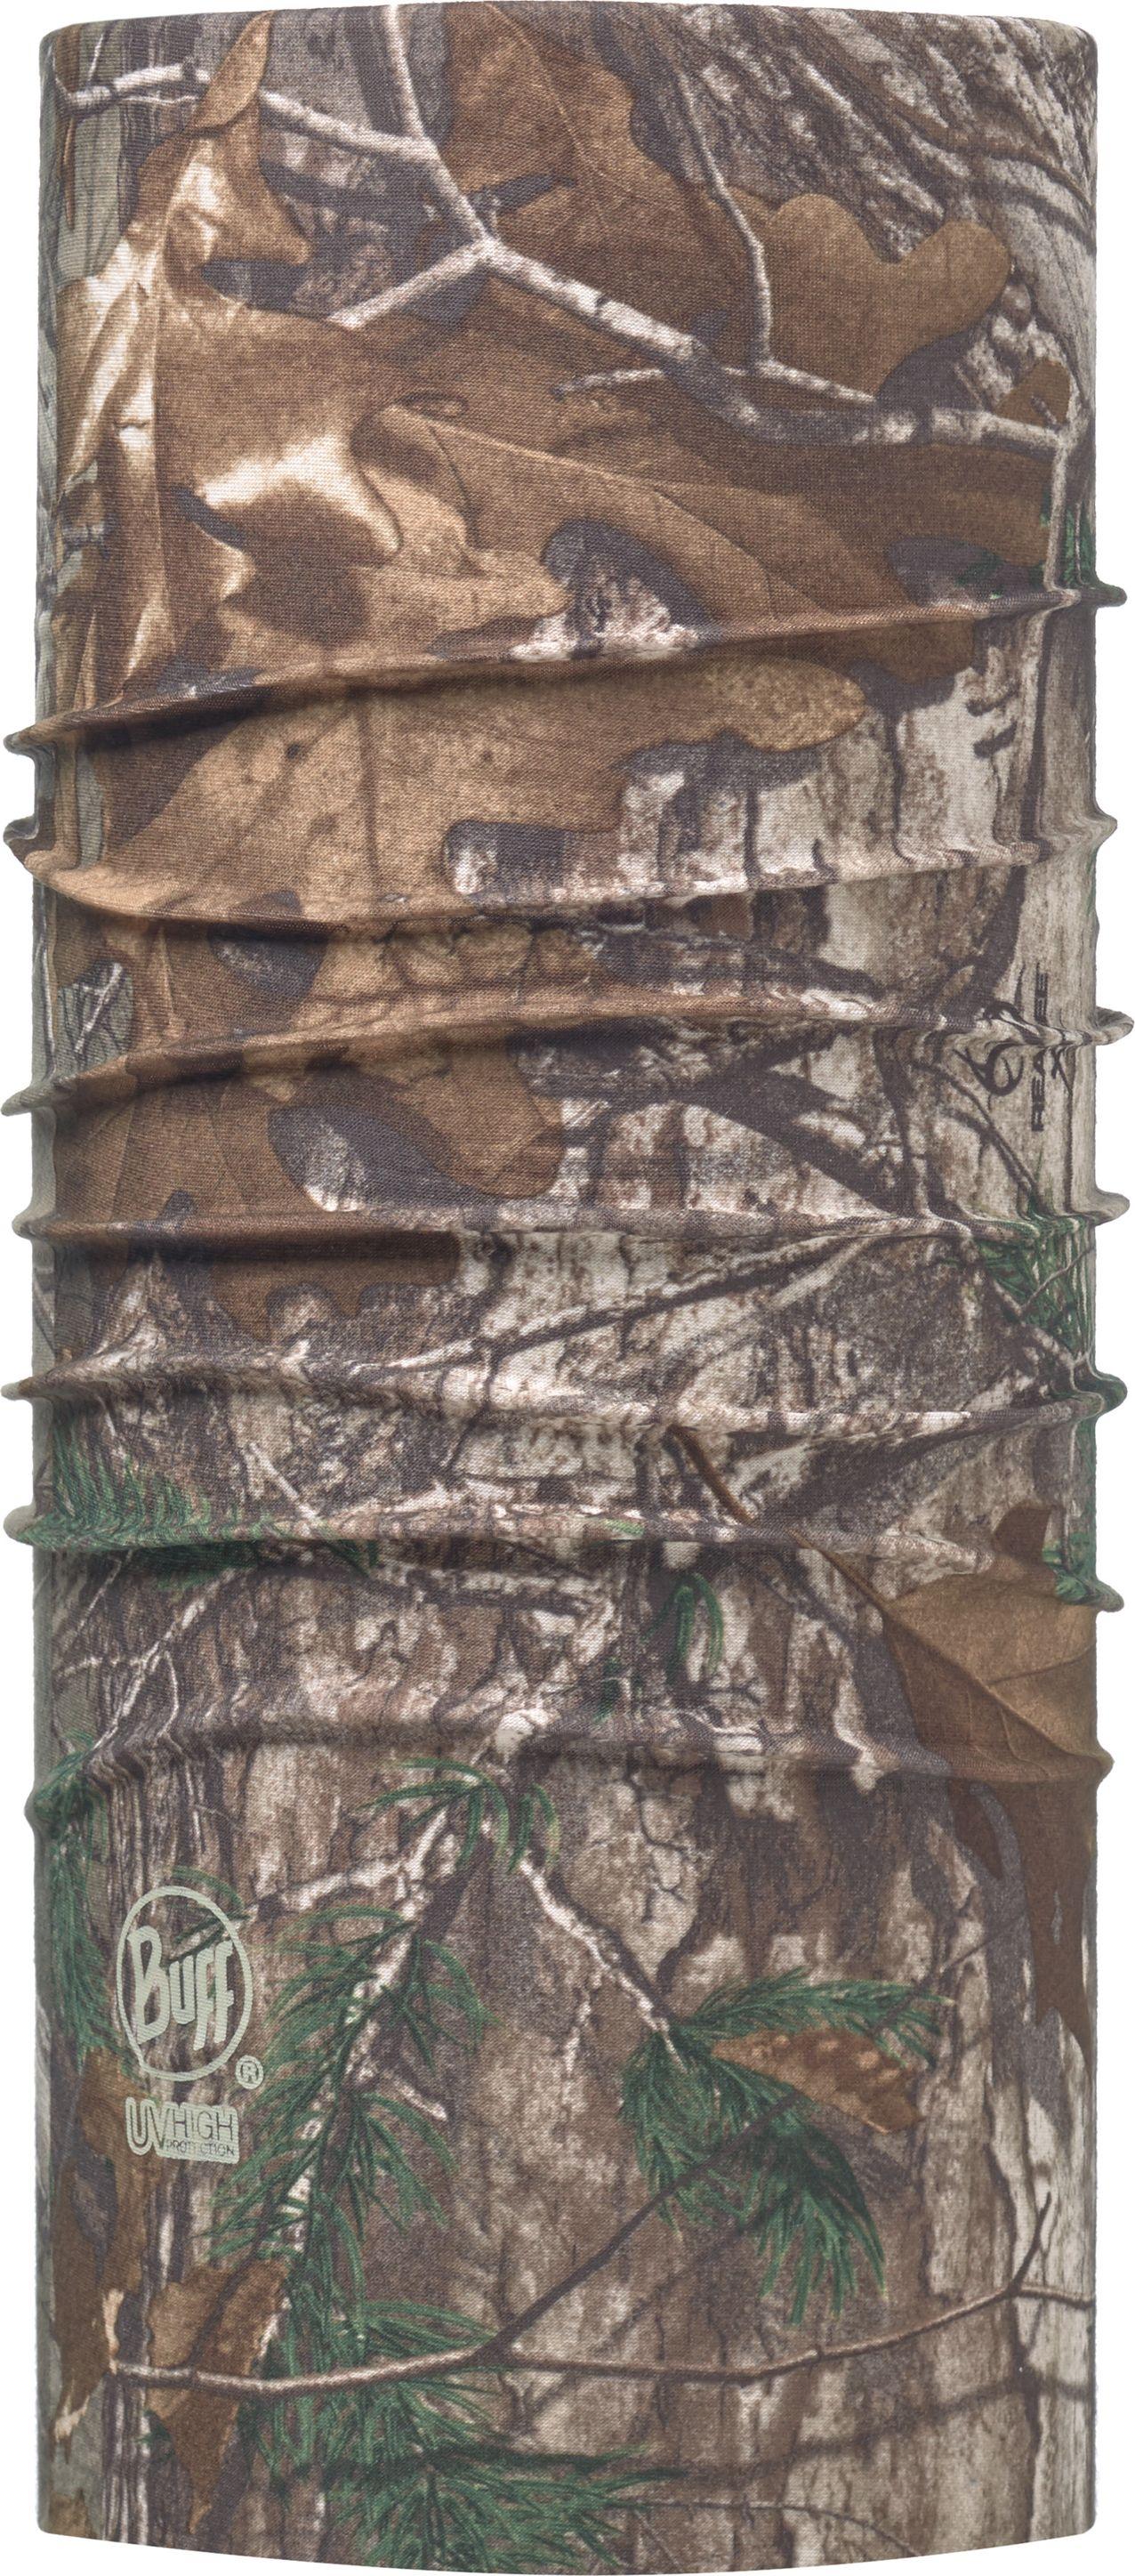 Бандана Buff UV Protection Realtree Extra, цвет: коричневый. 111375.00. Размер универсальный111375.00Бандана-труба из серии BUFF UV PROTECTION с высокой степенью защиты от ультрафиолетового излучения. Благодаря материалу Coolmax быстро сохнет и превосходно обеспечивает терморегуляцию. Тонкий, легкий бафф оптимально подходит для занятий летними видами спорта, пляжных игр, бега и пеших прогулок в жаркие дни. Дизайн с рыбами популярен в среде рыбаков и прекрасно подходит для летней рыбалки, чтобы защитить лицо и шею от солнца. Связана по круговой технологии, поэтому не имеет швов. Особенности: превосходная воздухопроницаемость и контроль влажности; легкий вес.Бандана прекрасно держиться на голове и не спадает при любой степени активности. Размер (обхват головы): 55-62 см.